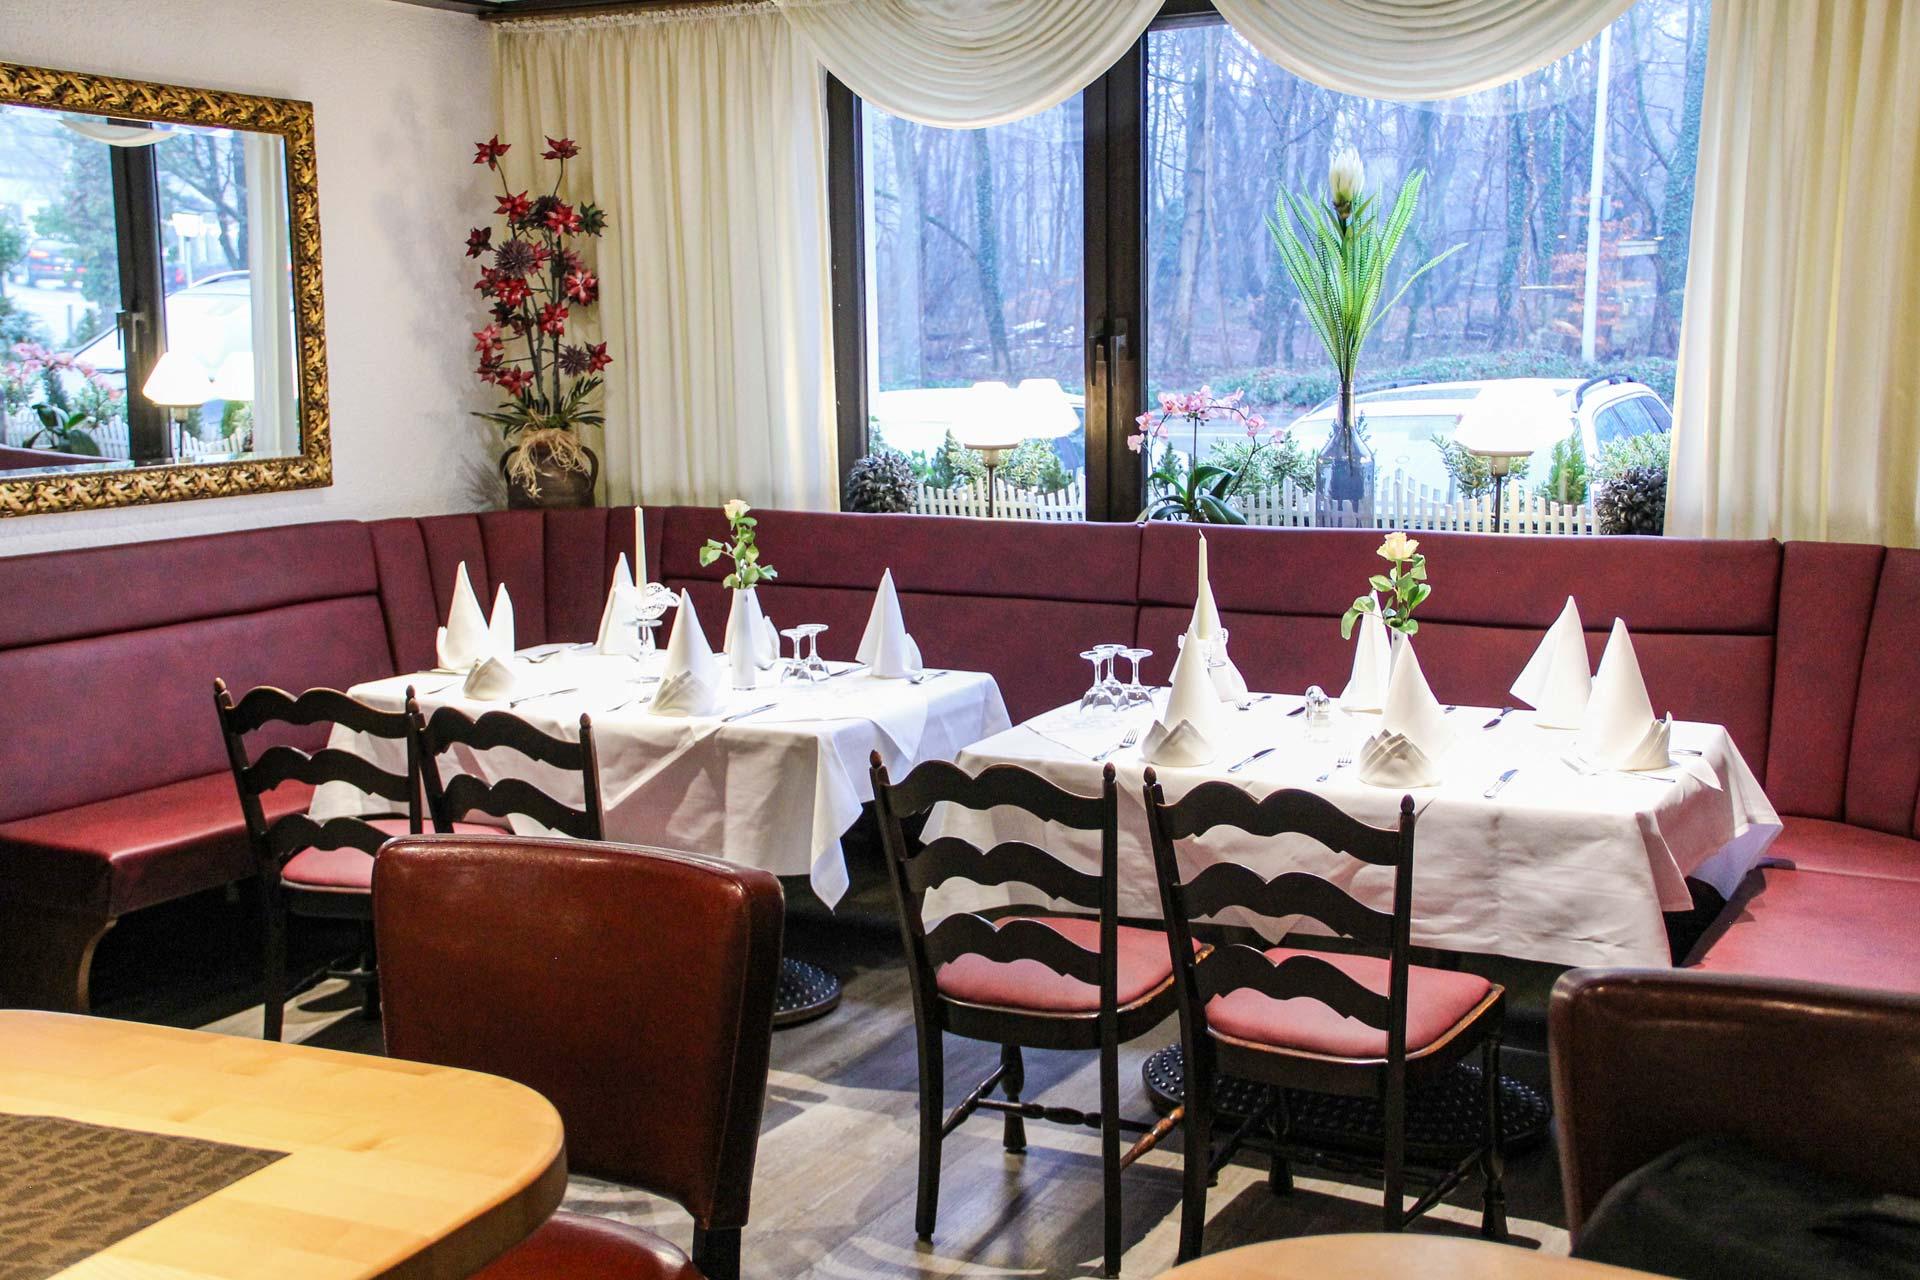 Restaurant Forsthaus_Slider-6